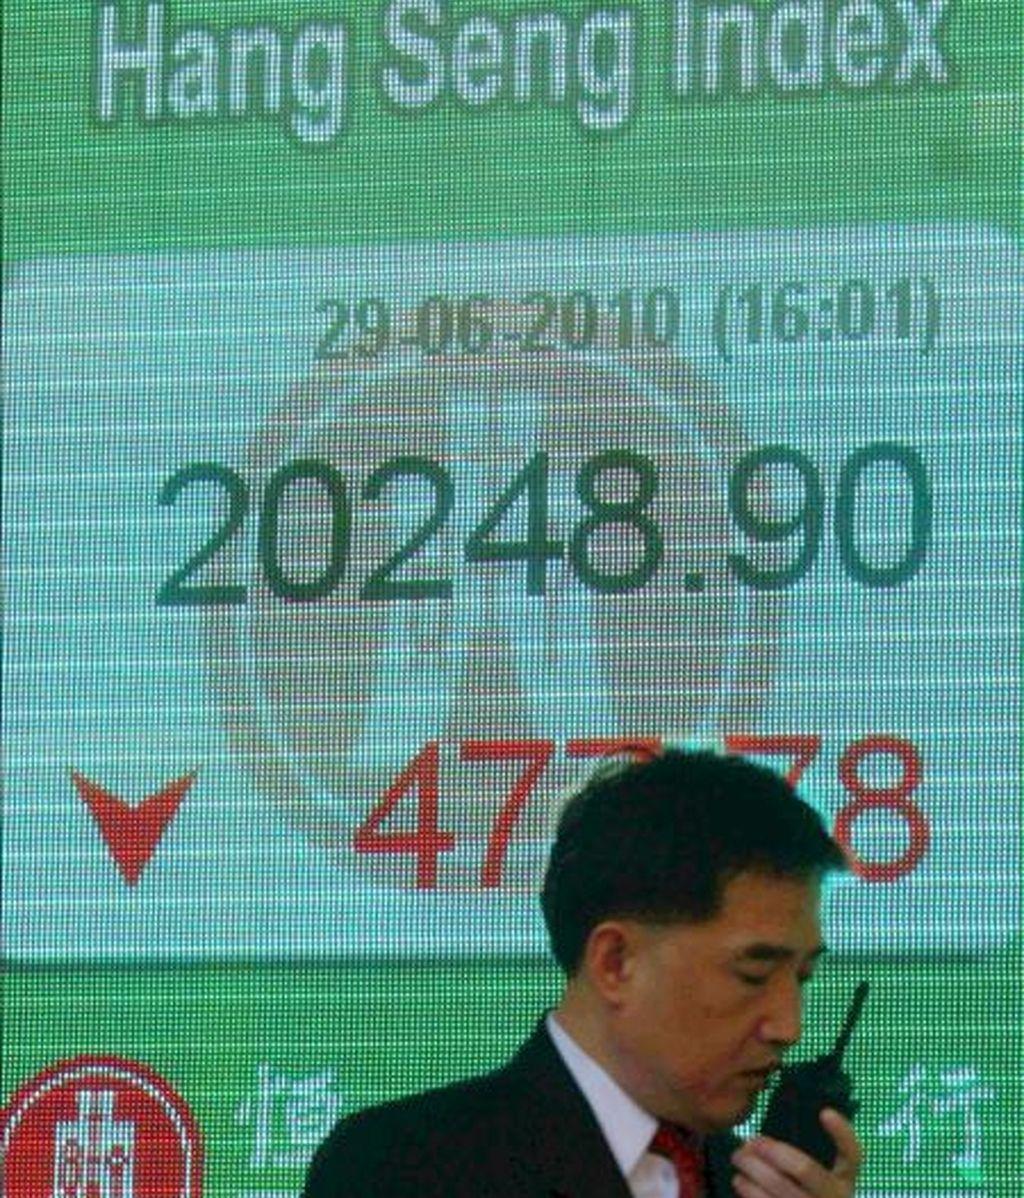 Un hombre pasa delante de un panel electrónico de una sucursal bancaria de Hong Kong (China) que muestra el valor alcanzado por el índice Hang Seng de la Bolsa de Hong Kong. EFE/Archivo